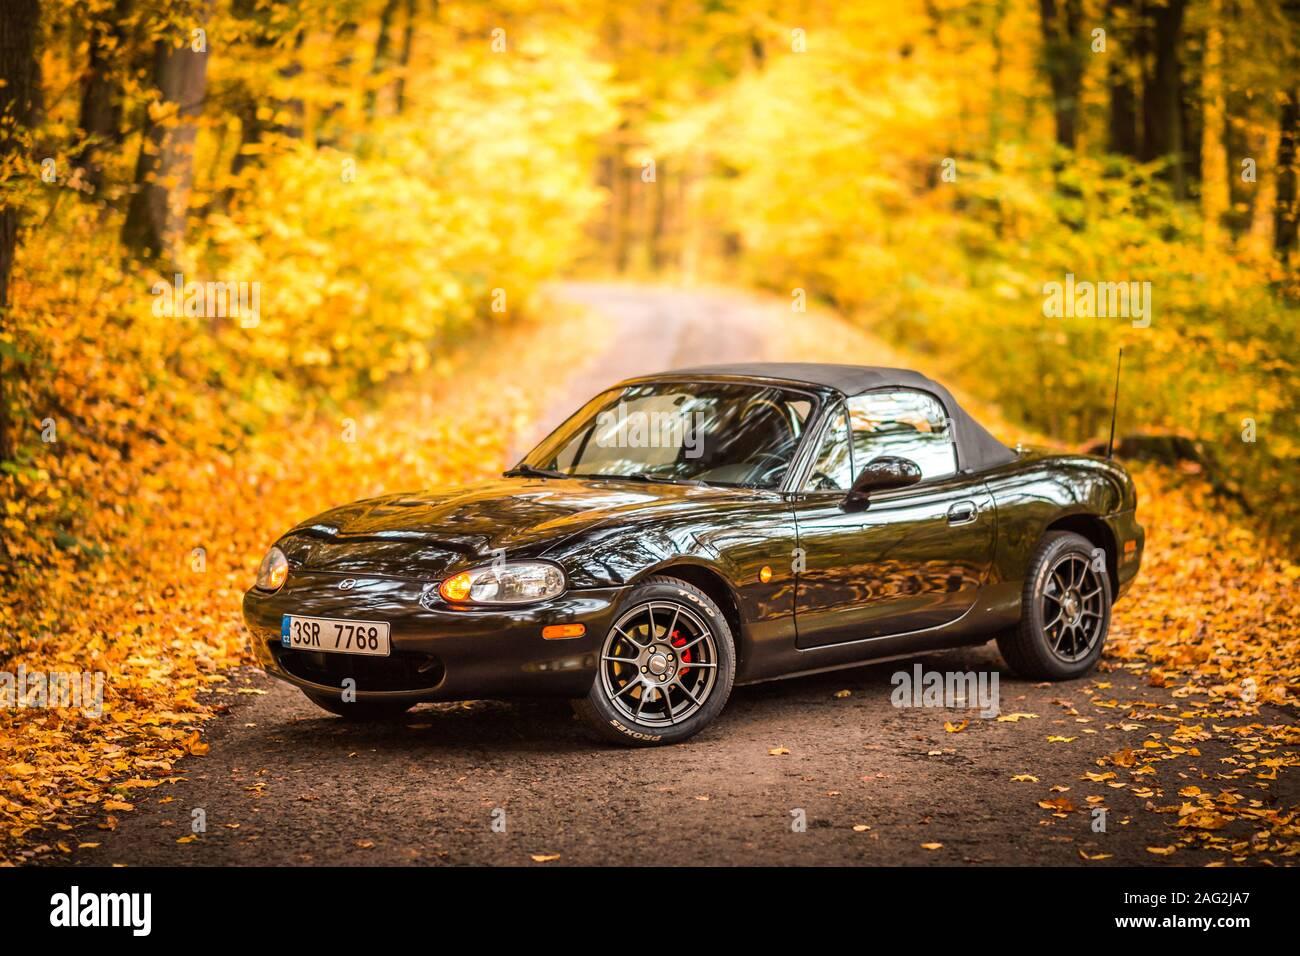 PRAGUE, RÉPUBLIQUE TCHÈQUE, octobre 2019: Mazda MX-5 Miata NB de deuxième génération, l'année de modèle 1999 sur une route forrest en automne avec de belles automne coloré Banque D'Images